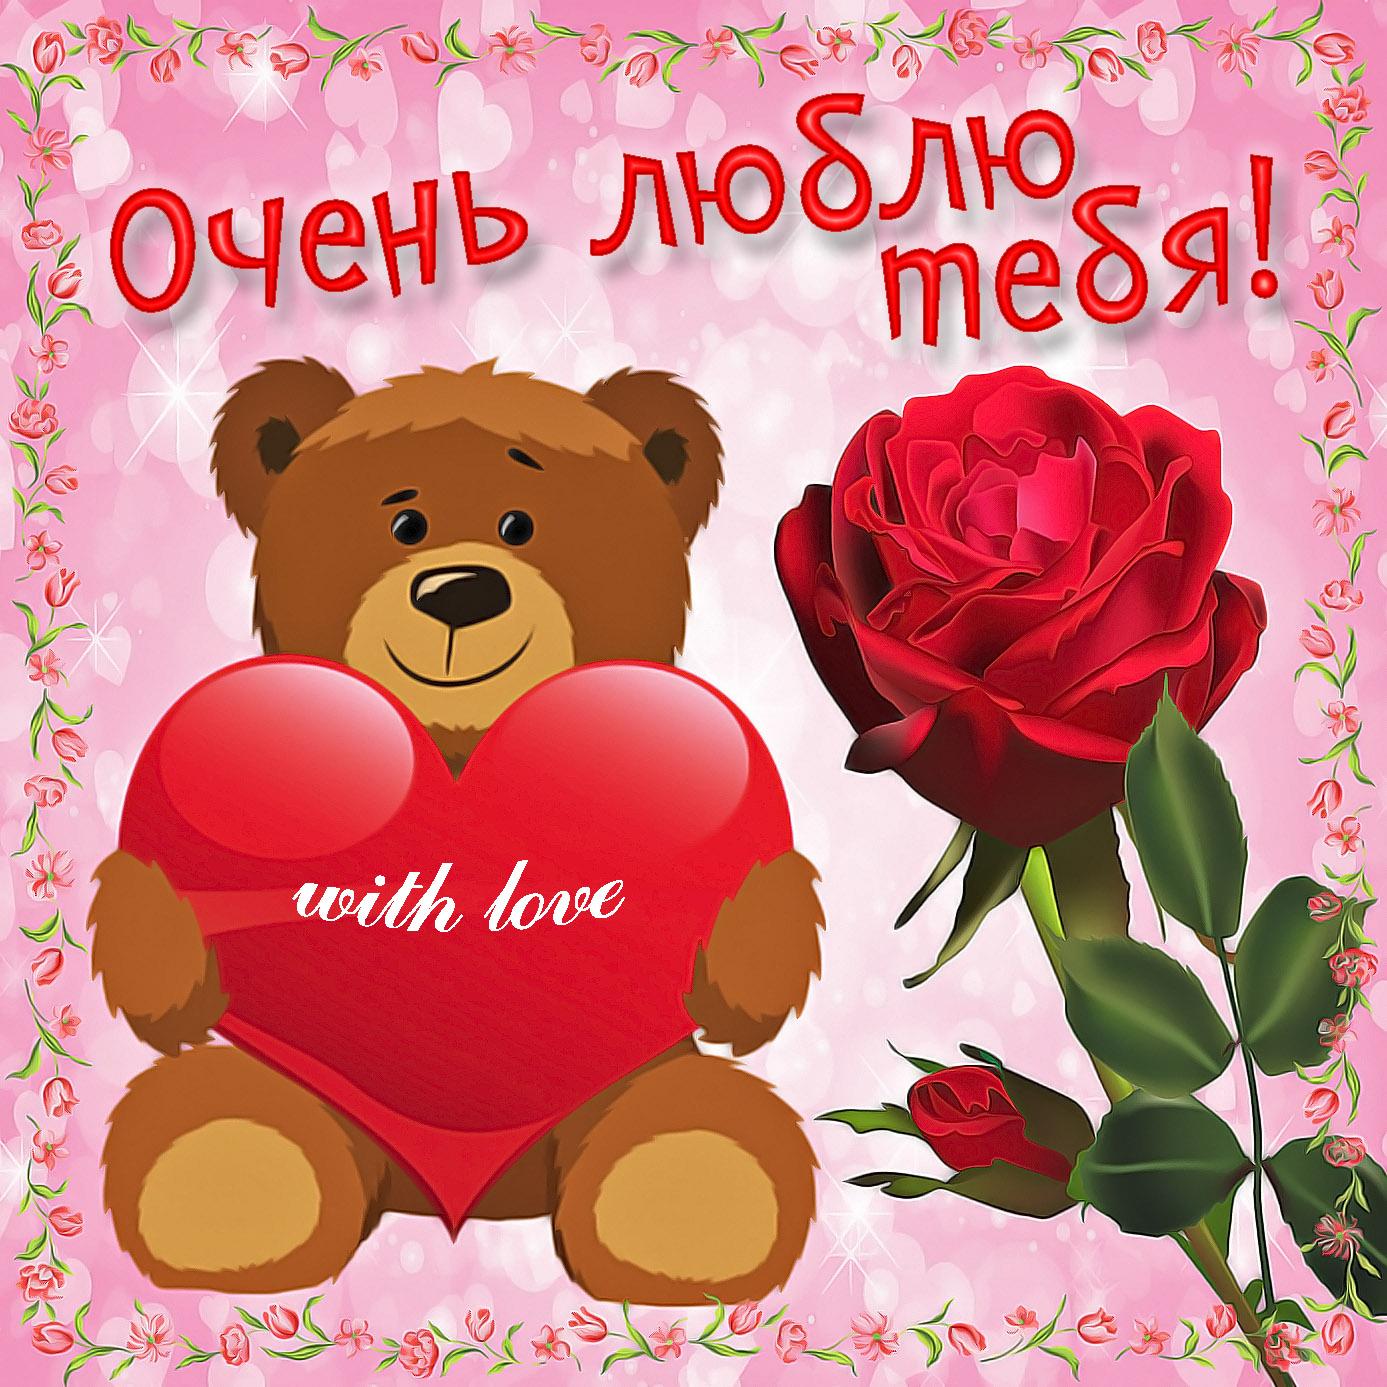 Милая картинка с влюблённым медвежонком